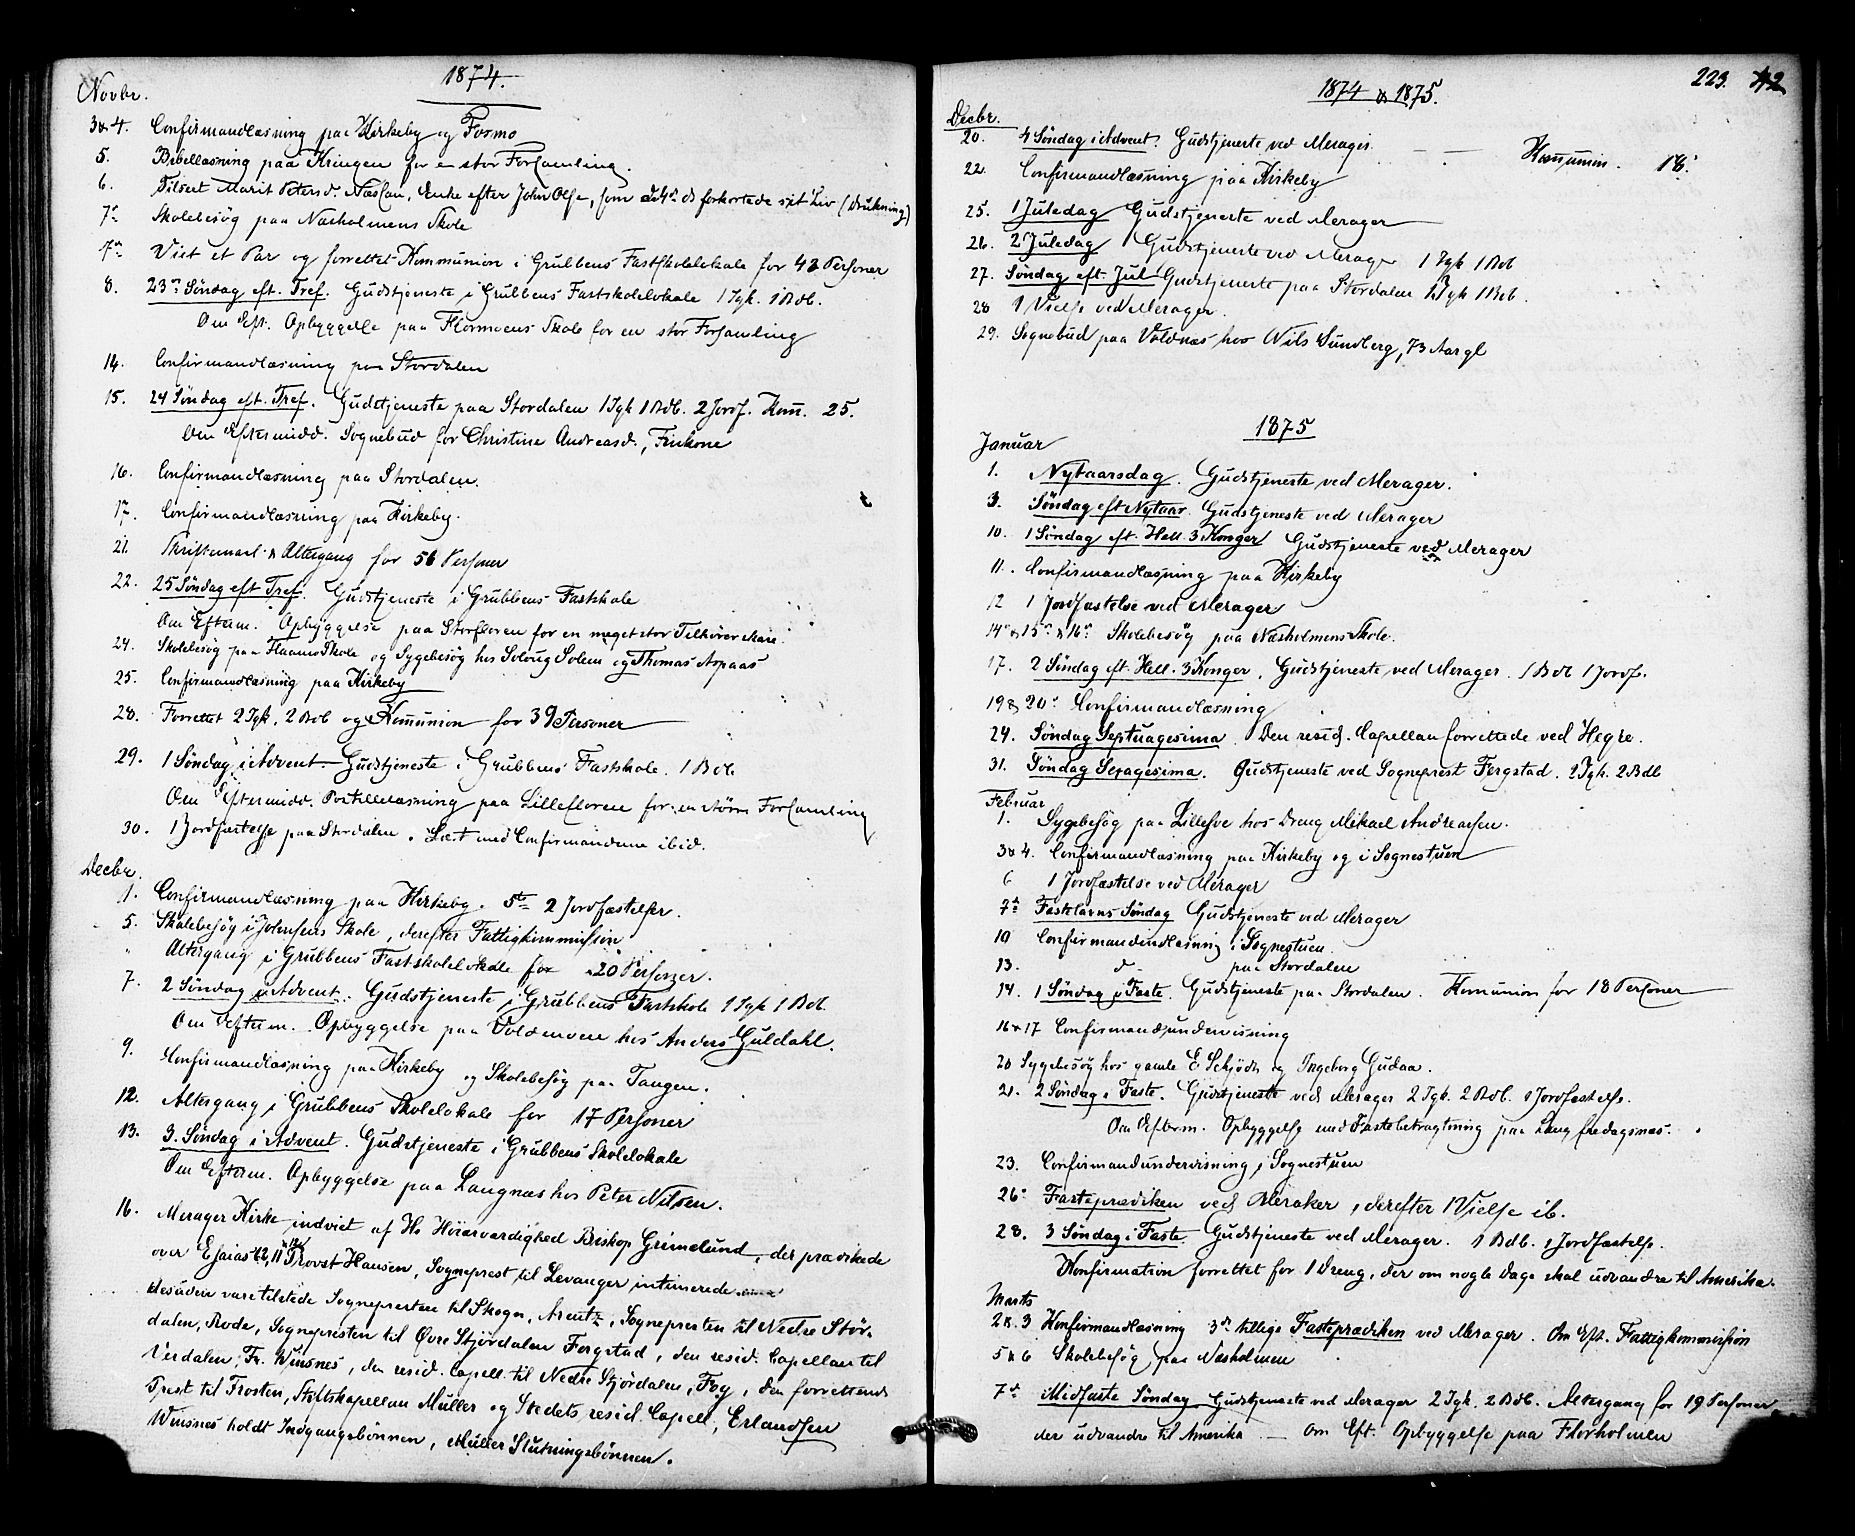 SAT, Ministerialprotokoller, klokkerbøker og fødselsregistre - Nord-Trøndelag, 706/L0041: Ministerialbok nr. 706A02, 1862-1877, s. 223